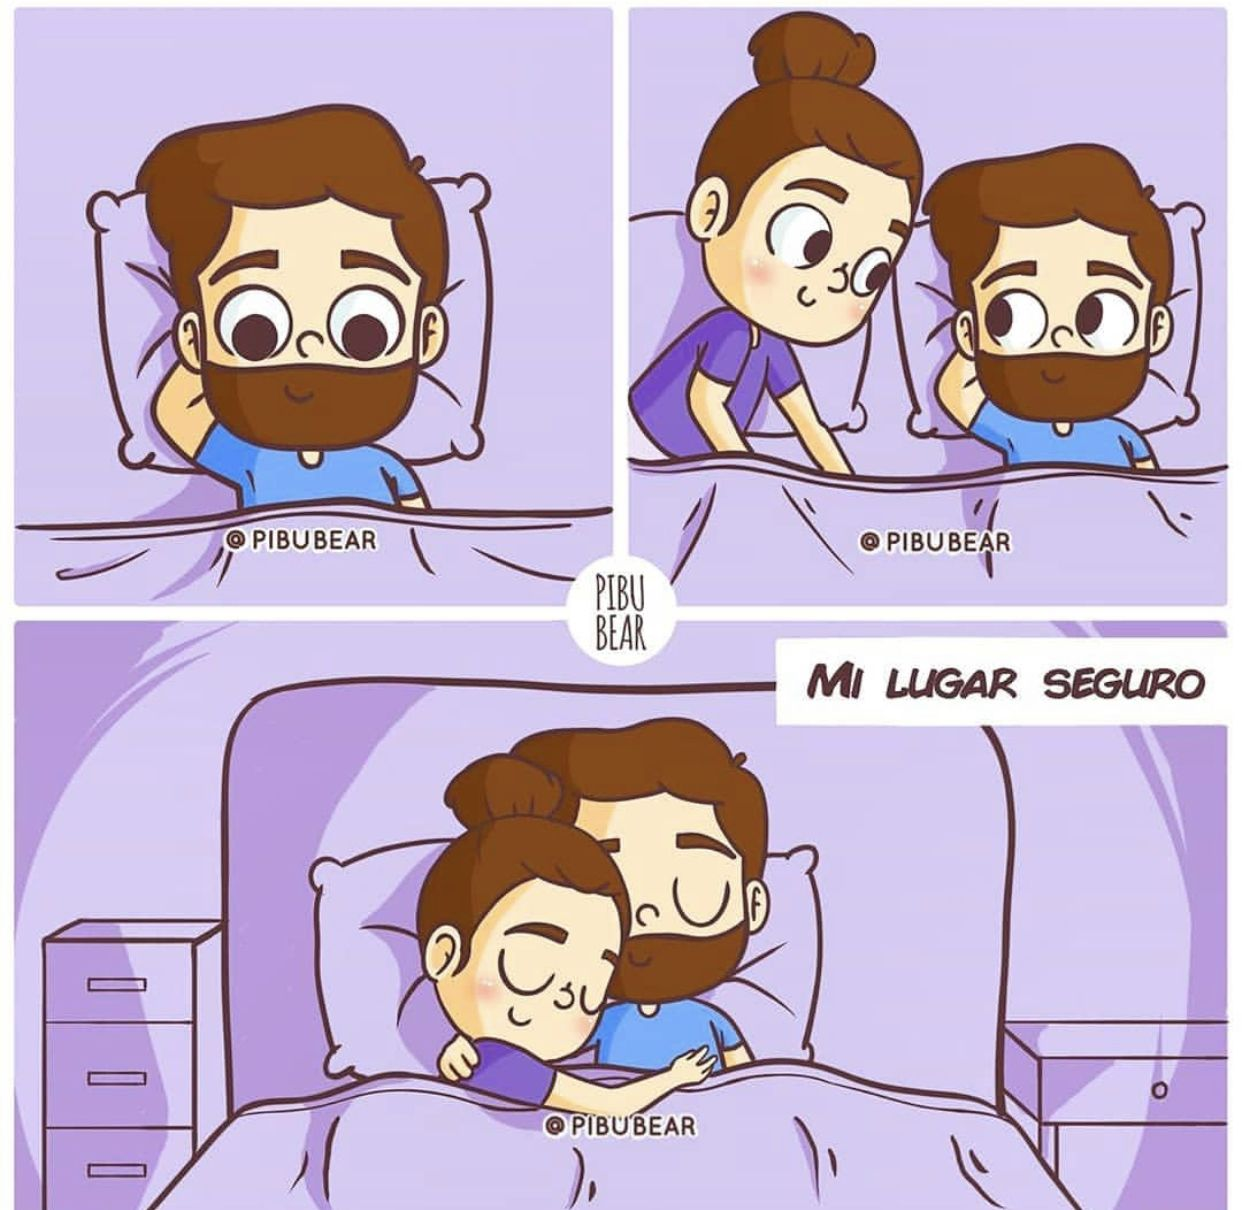 Tu Y Yo Imagenes Para Novios Enamorados Memes De Novios Enamorados Historieta De Amor